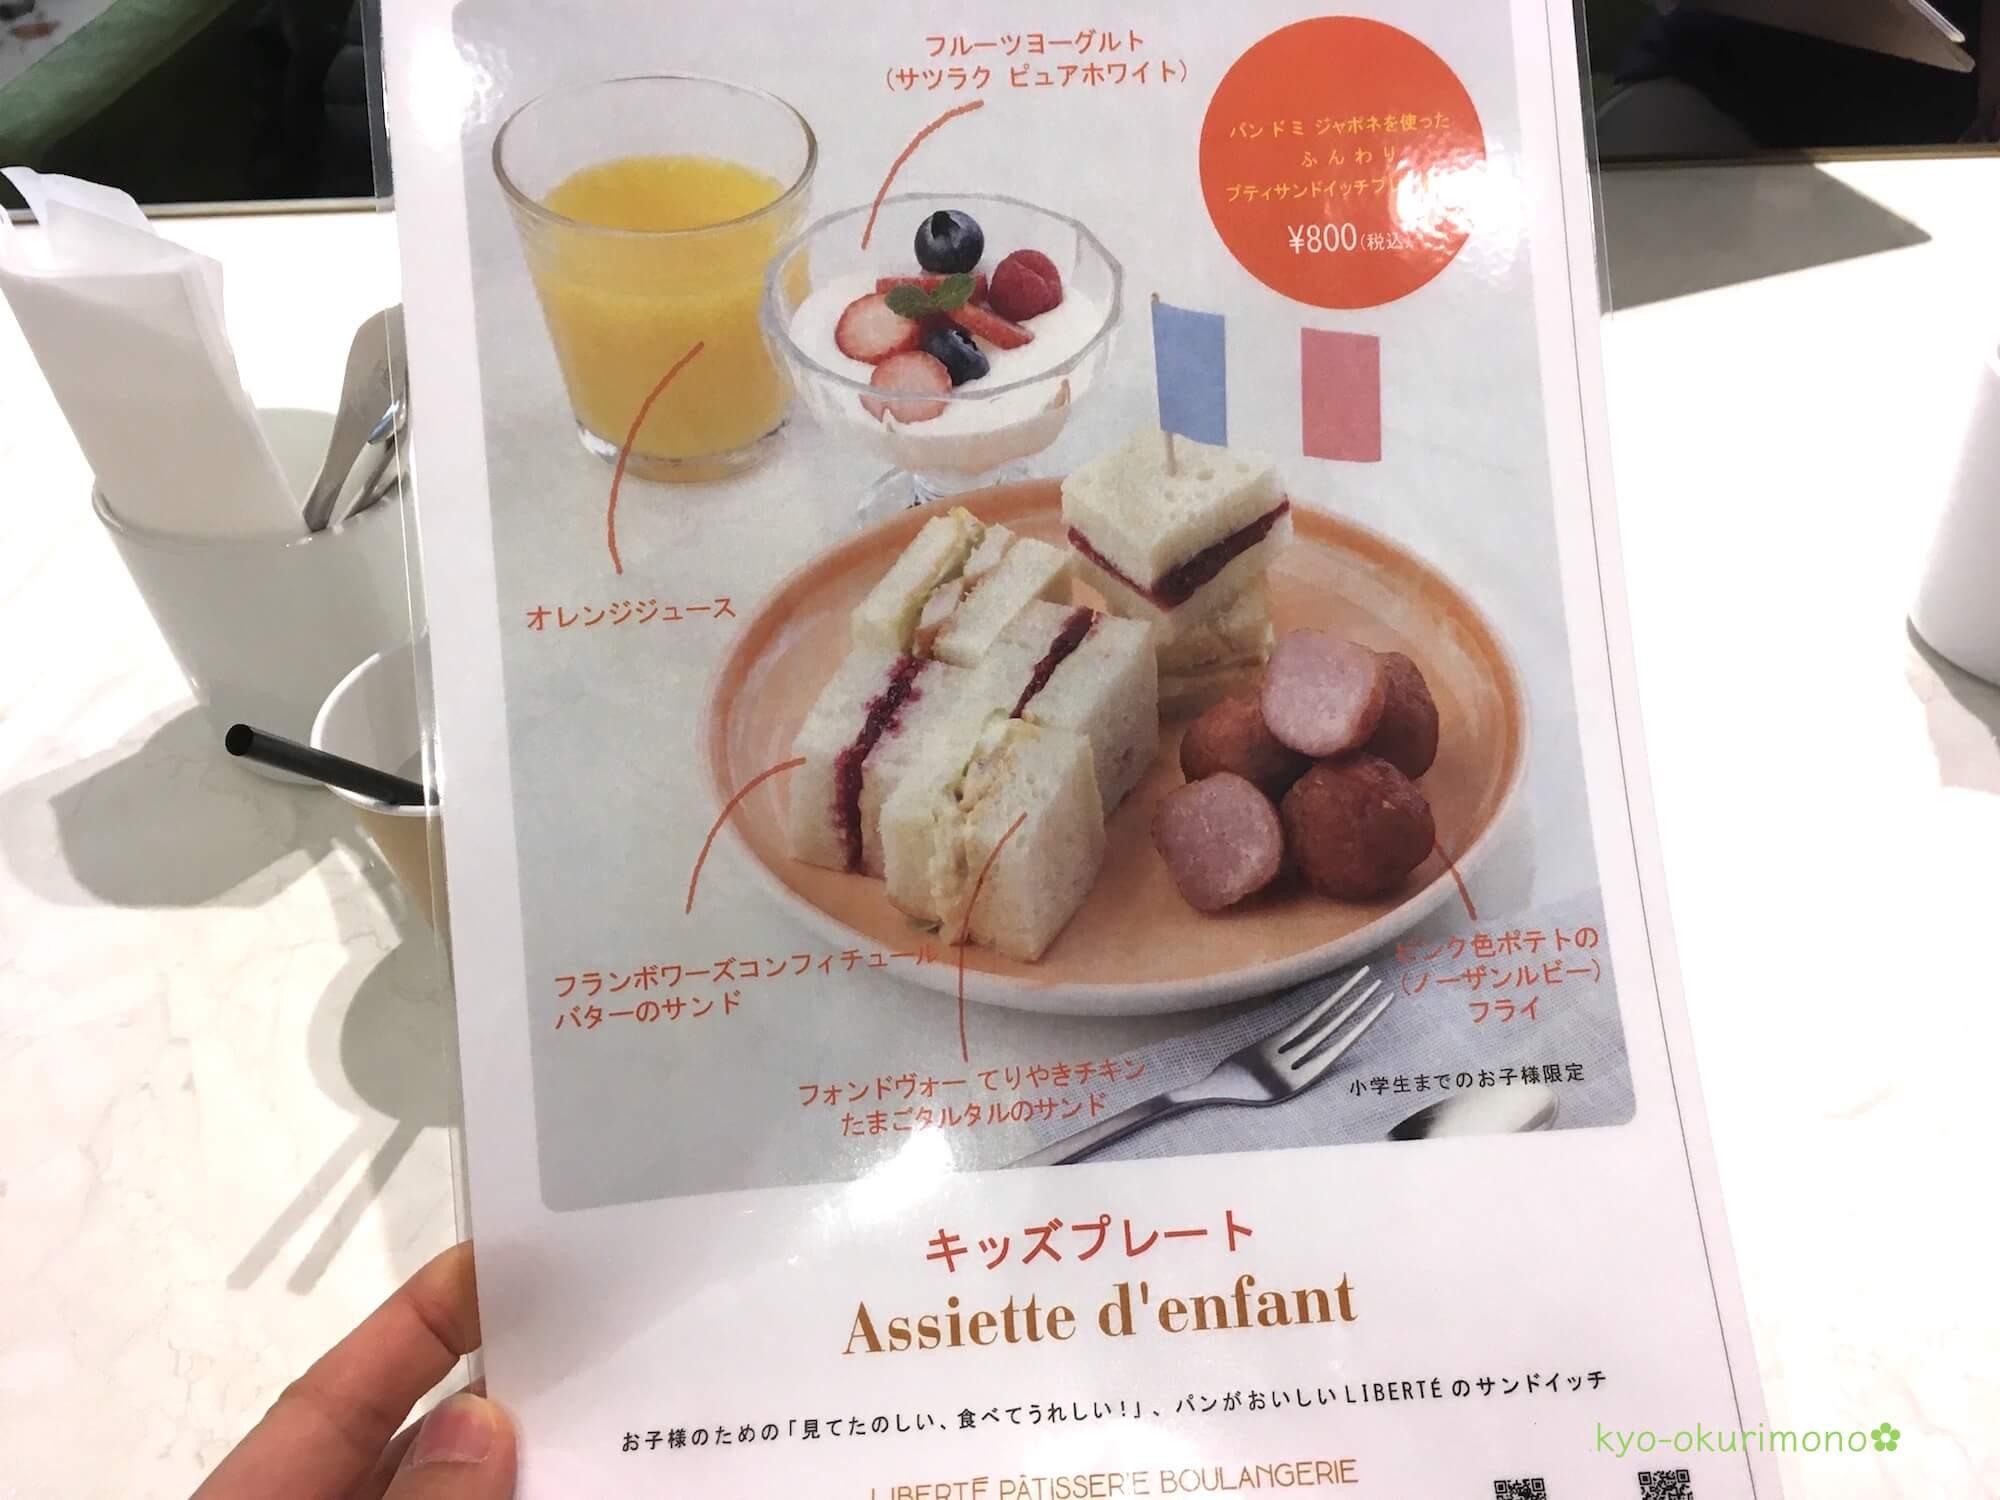 リベルテ・パティスリー・ブーランジェリー京都店のキッズ(子ども)メニュー